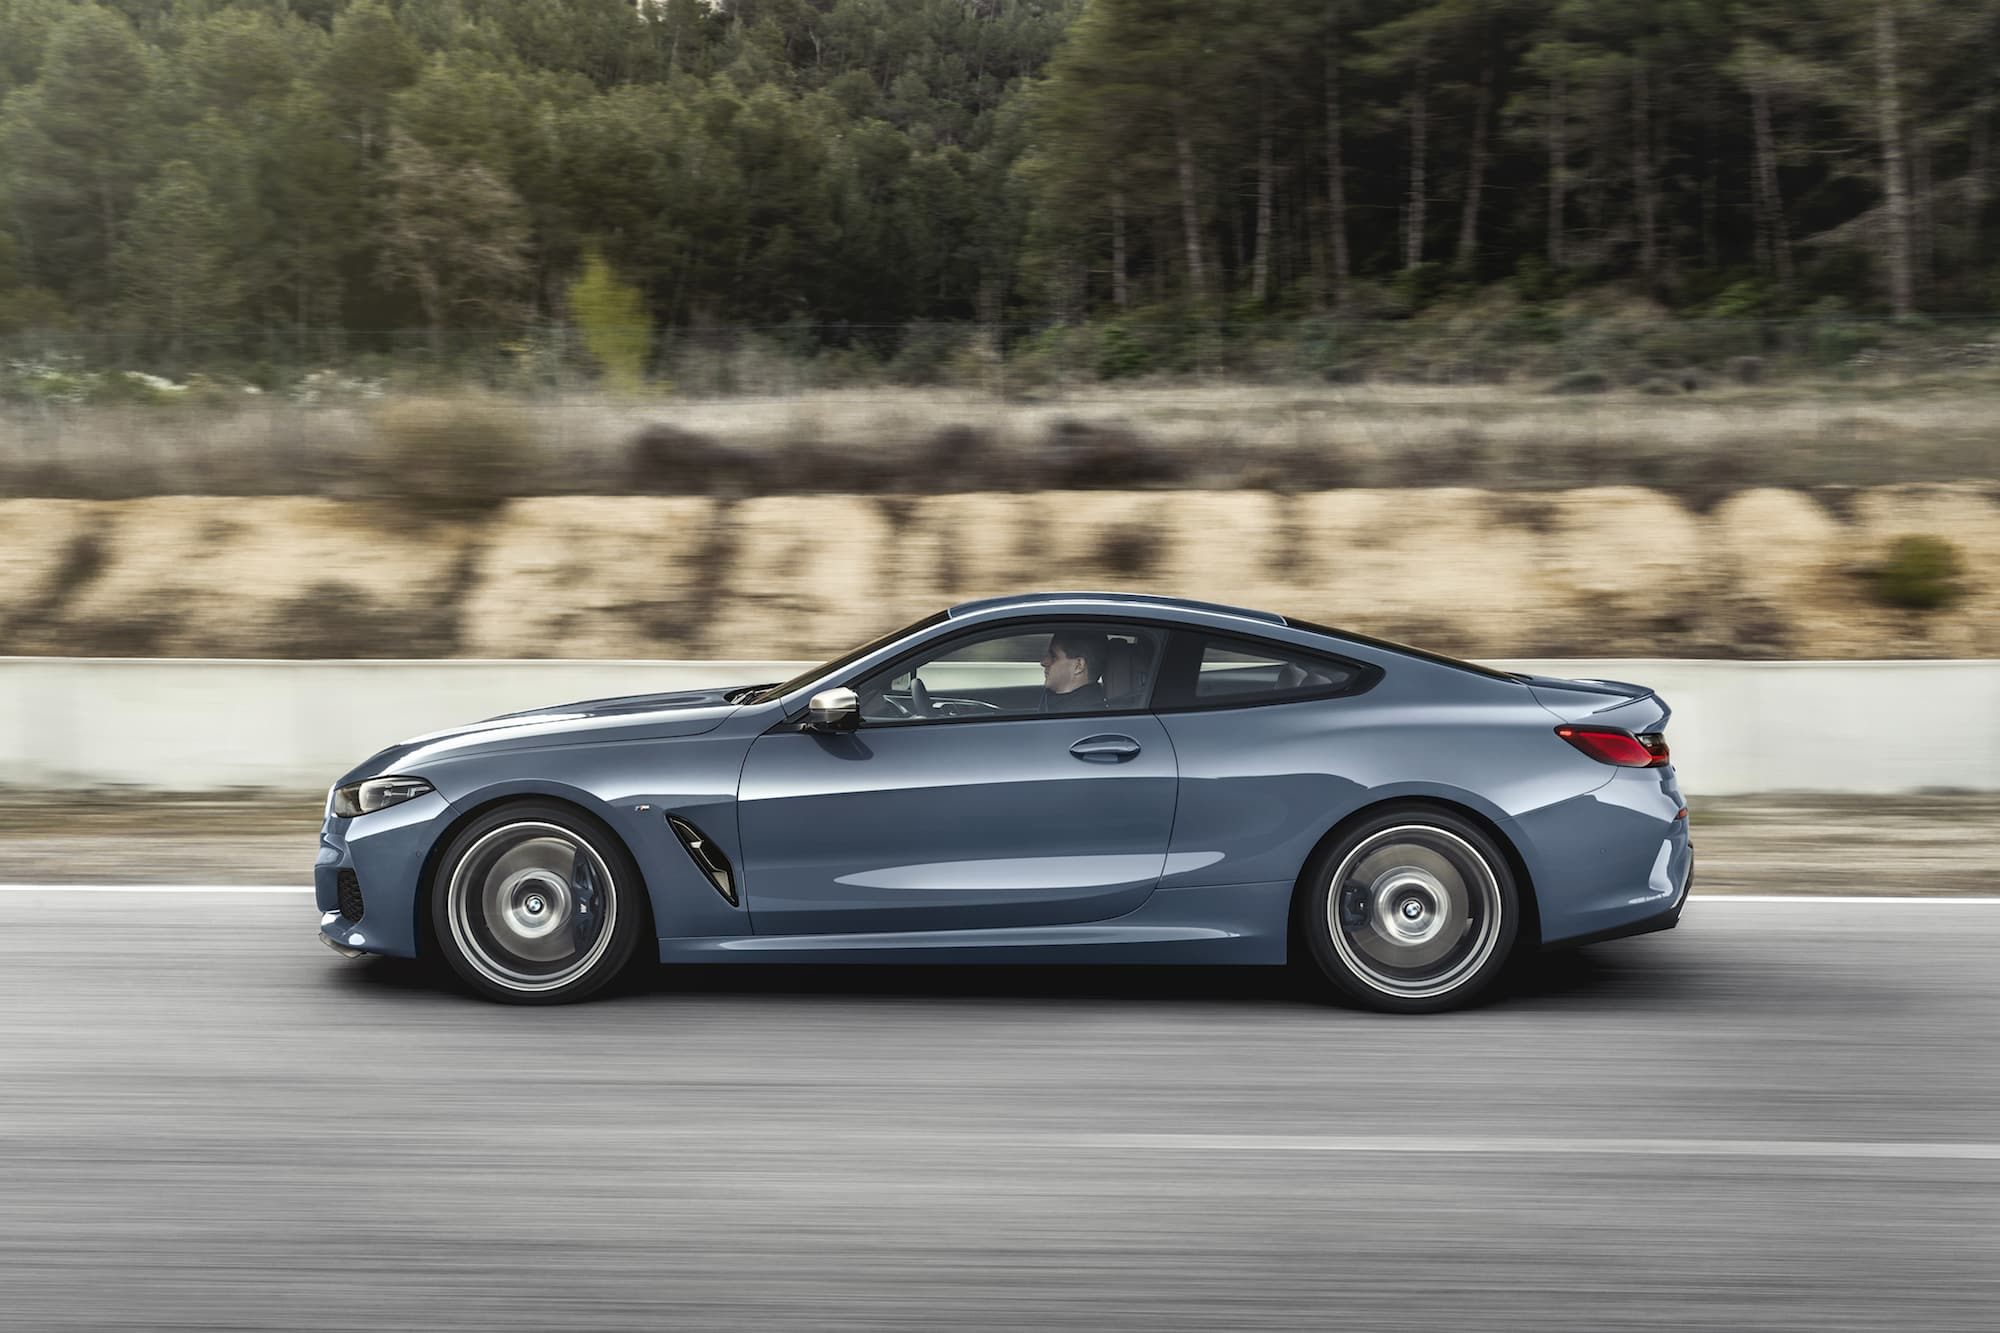 BMW belebt 8er Serie wieder: Das ist der neue BMW M850i xDrive 7